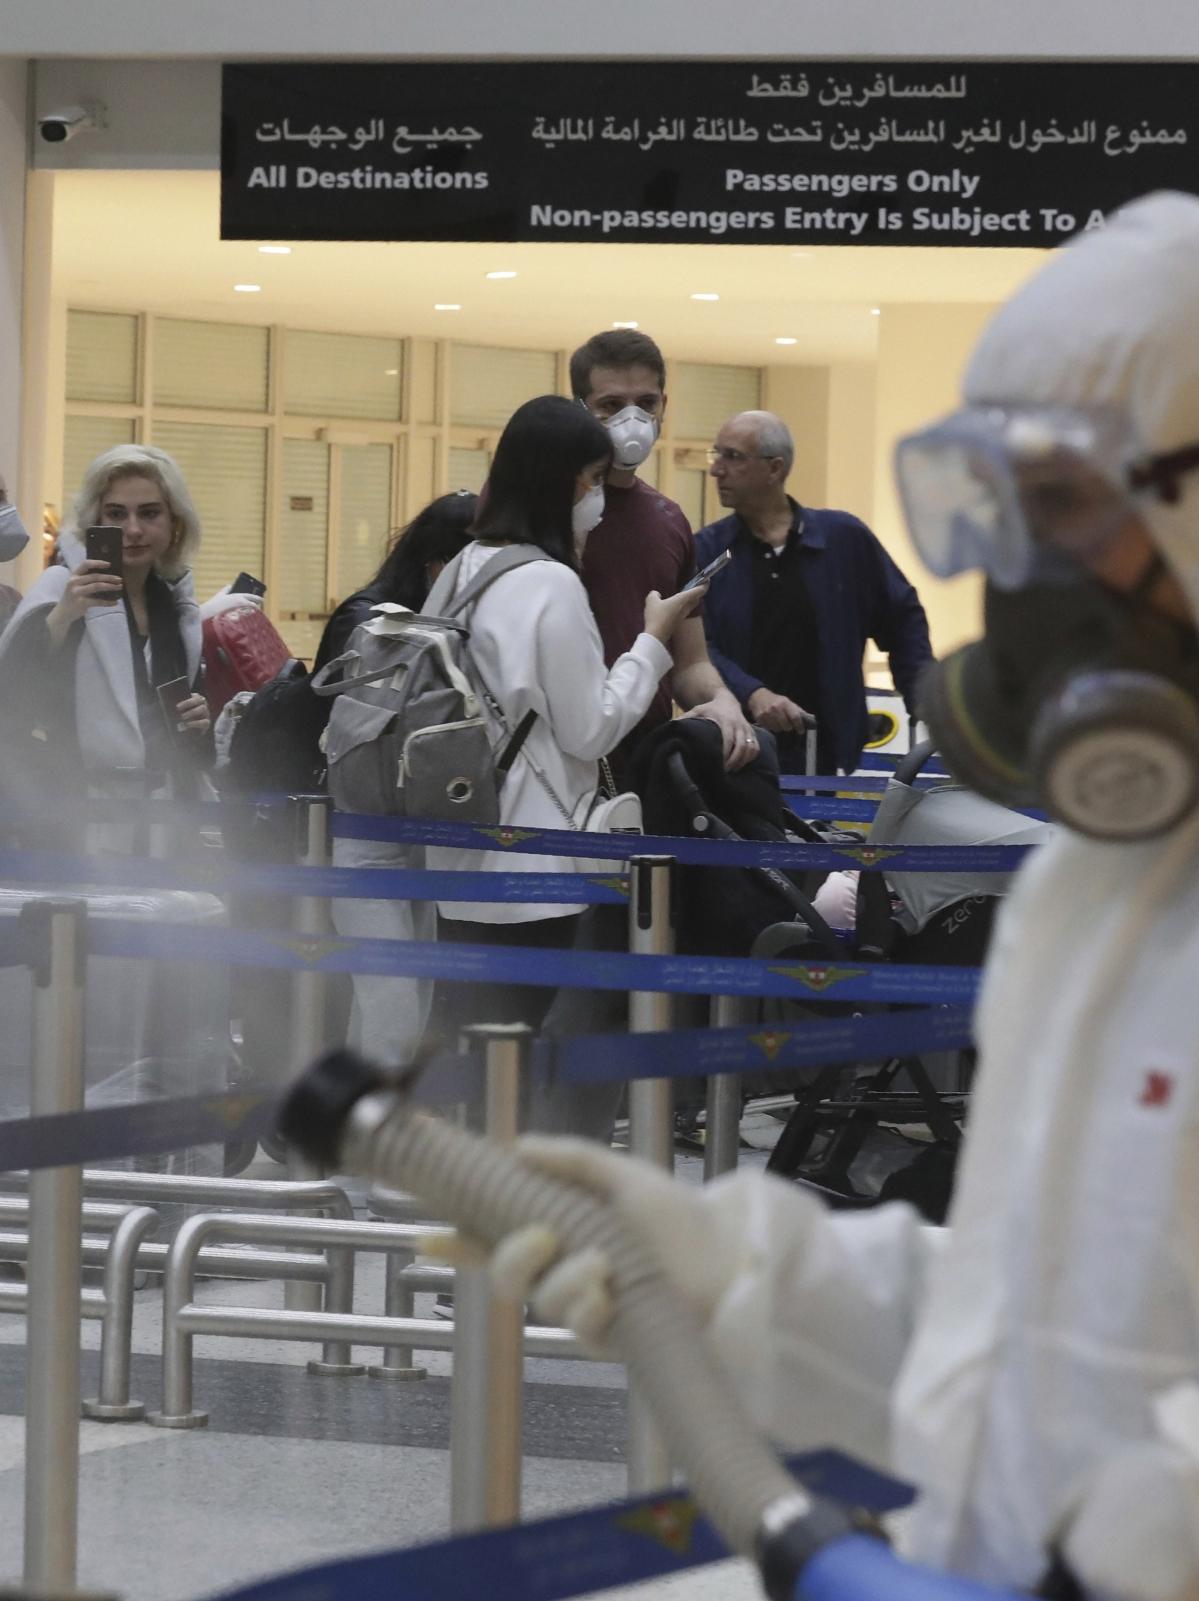 चीन के बाद अब भारत में भी तेजी से लोग कोरोना वायरस के चपेट में आ रहे हैं और इससे बचने के लिए लोगों में मास्क का चलन आम हो चला है.